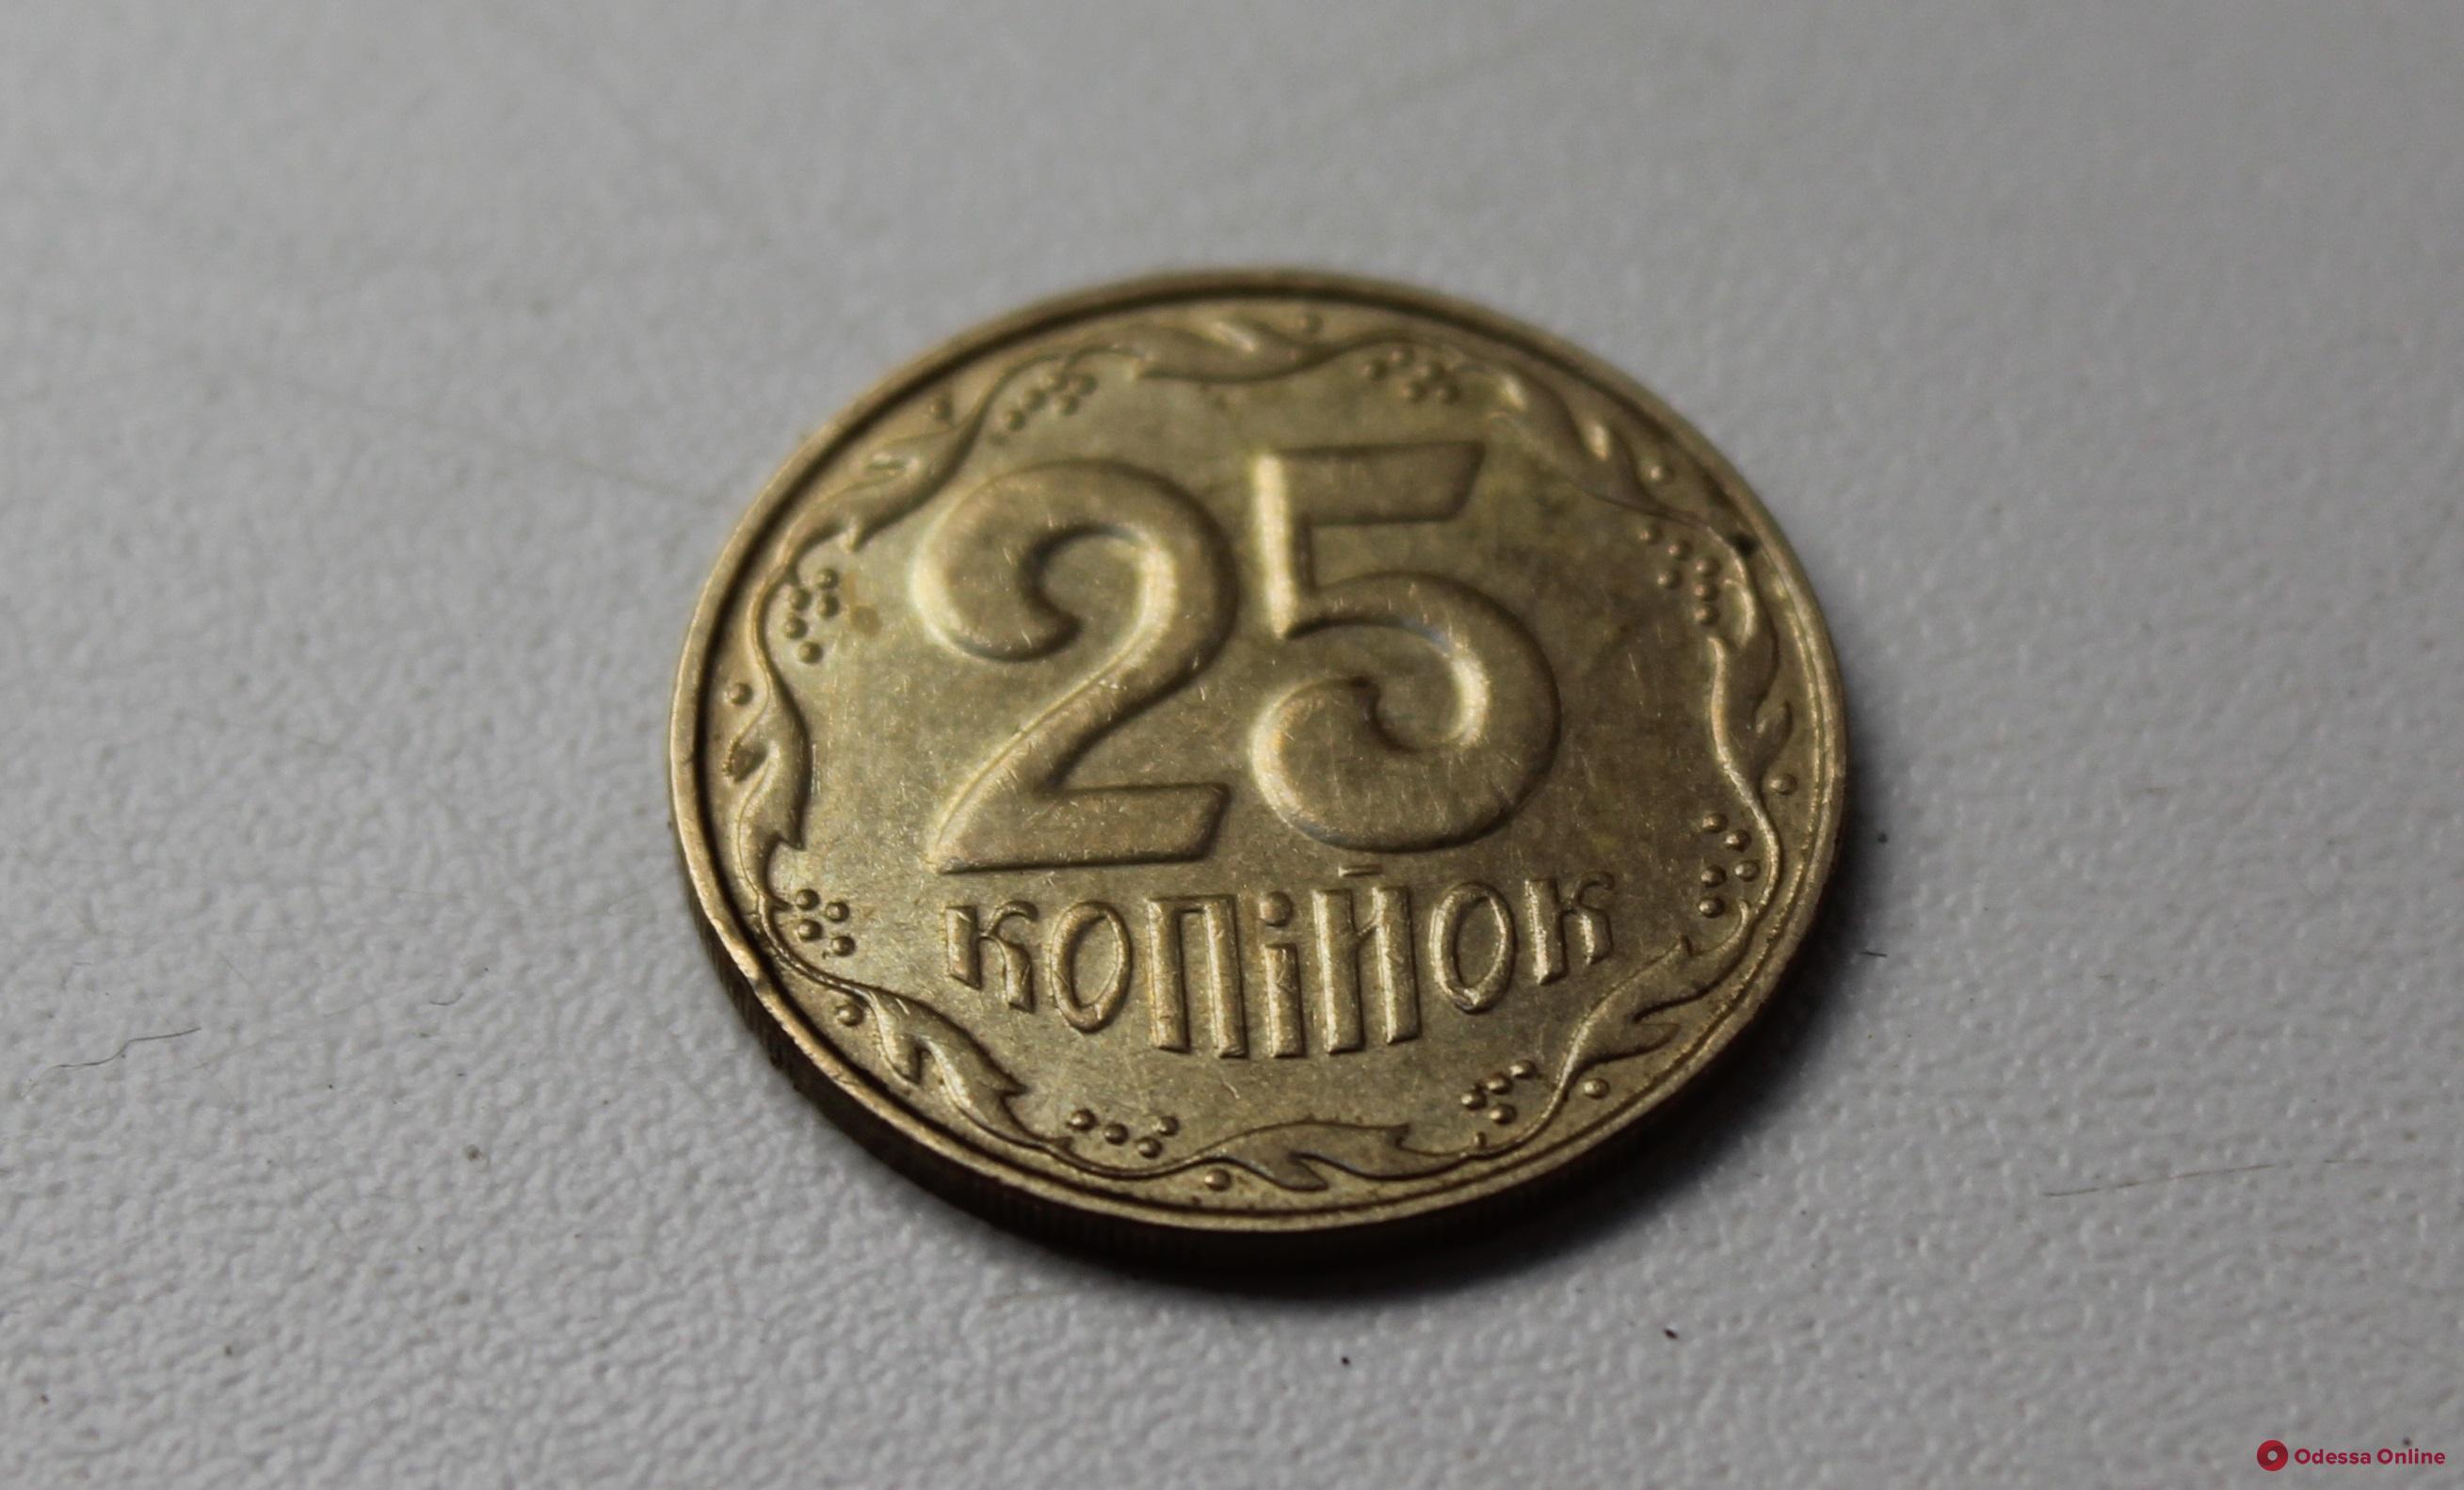 Из обращения выведут монеты номиналом 25 копеек и банкноты гривны старых образцов